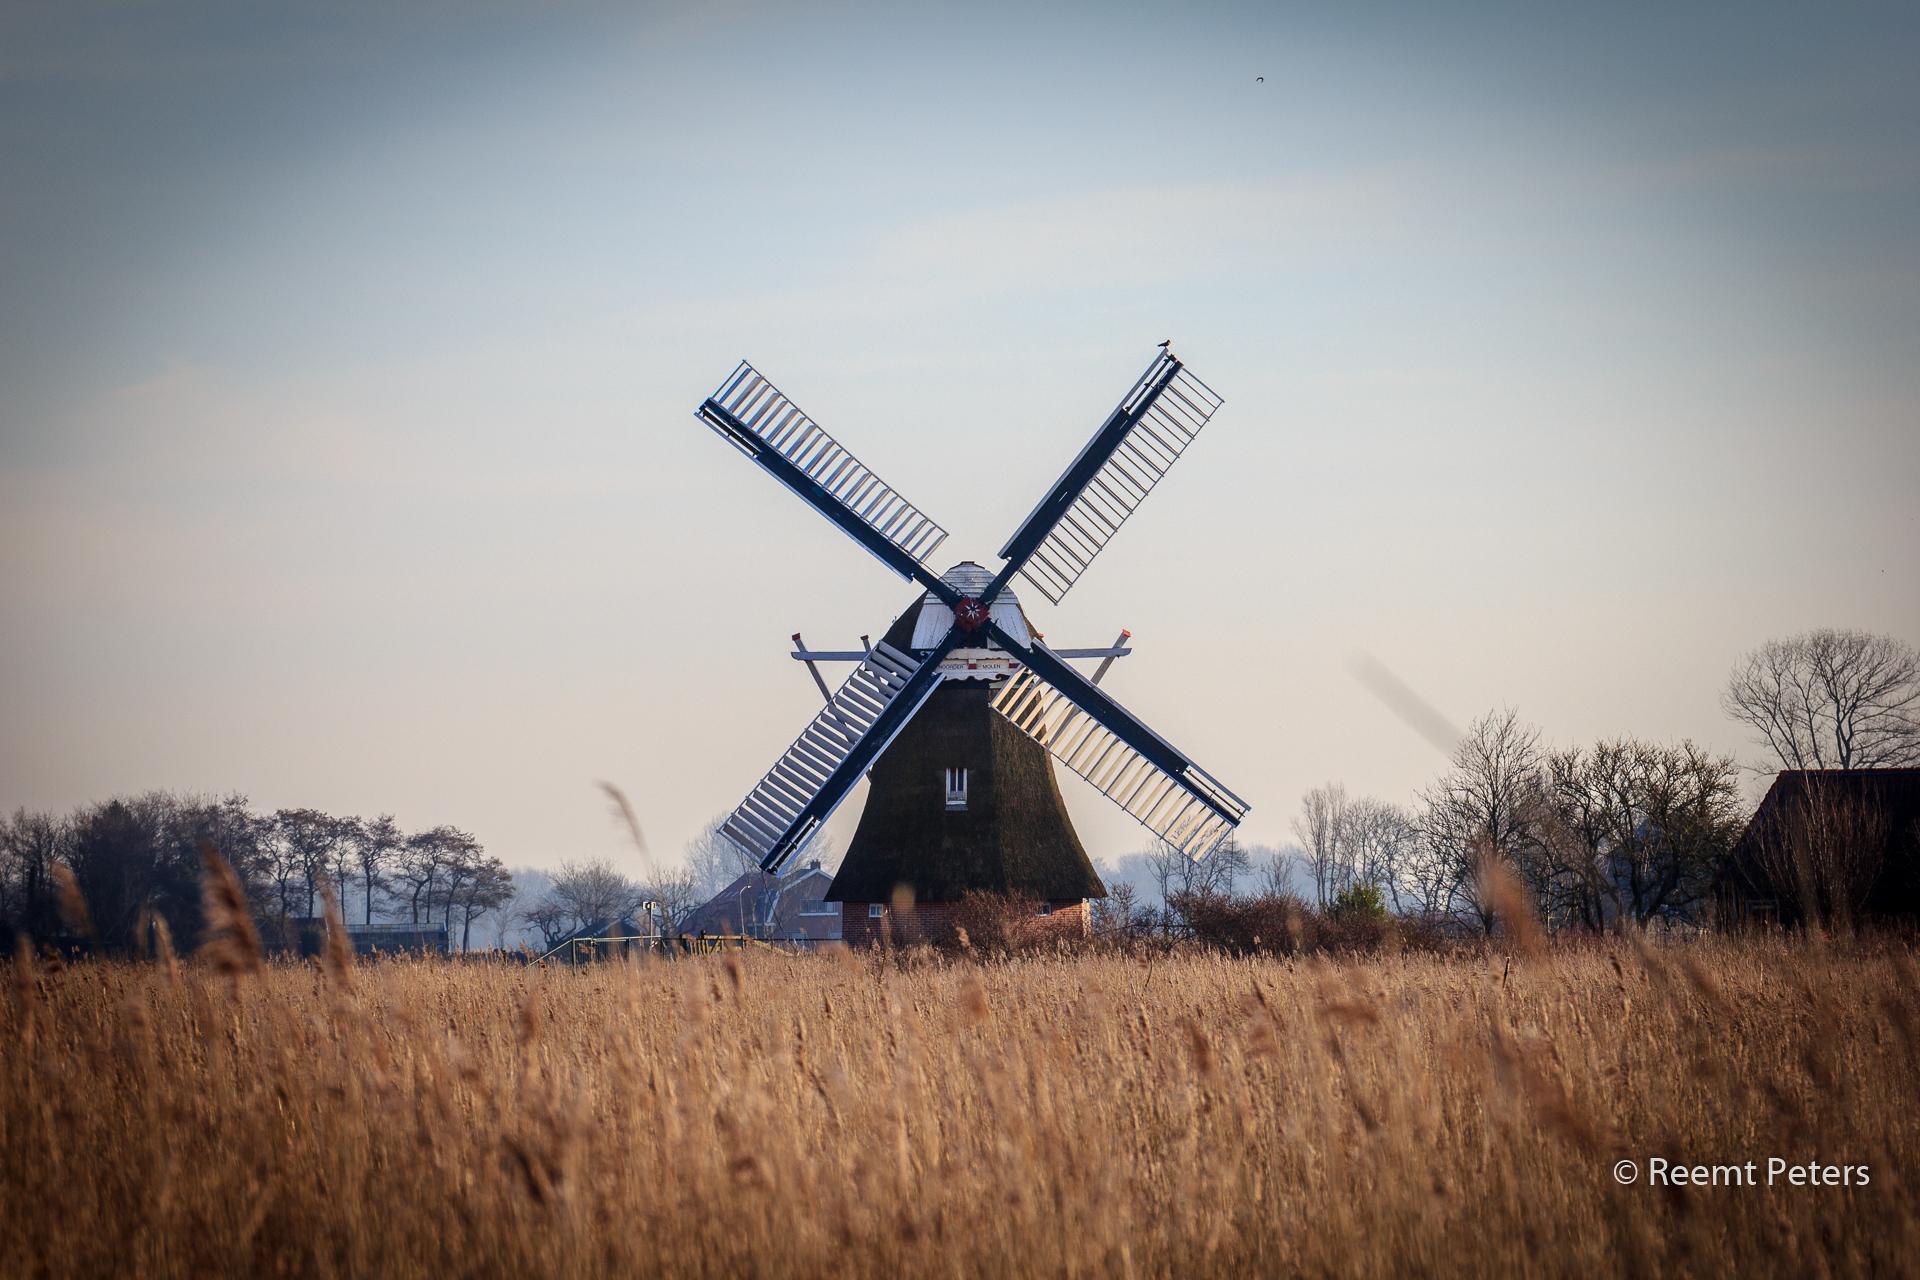 Noorder Molen, Netherlands